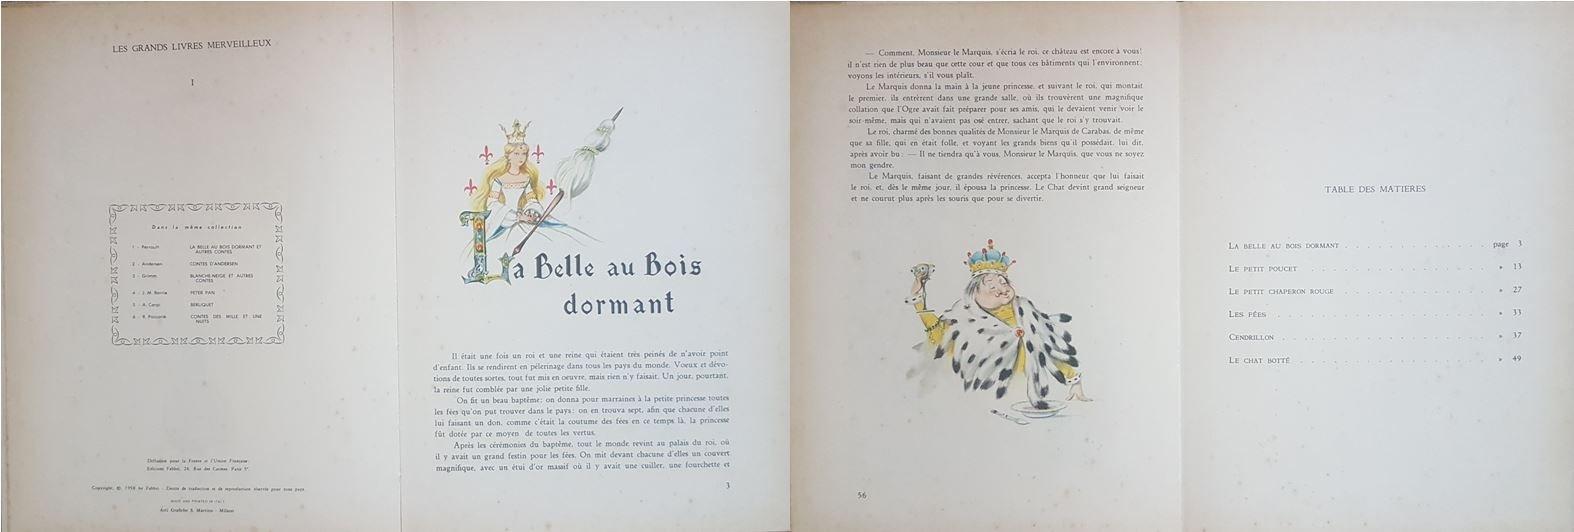 Les Grands Livres Merveilleux (Fabbri) 201121055246543517